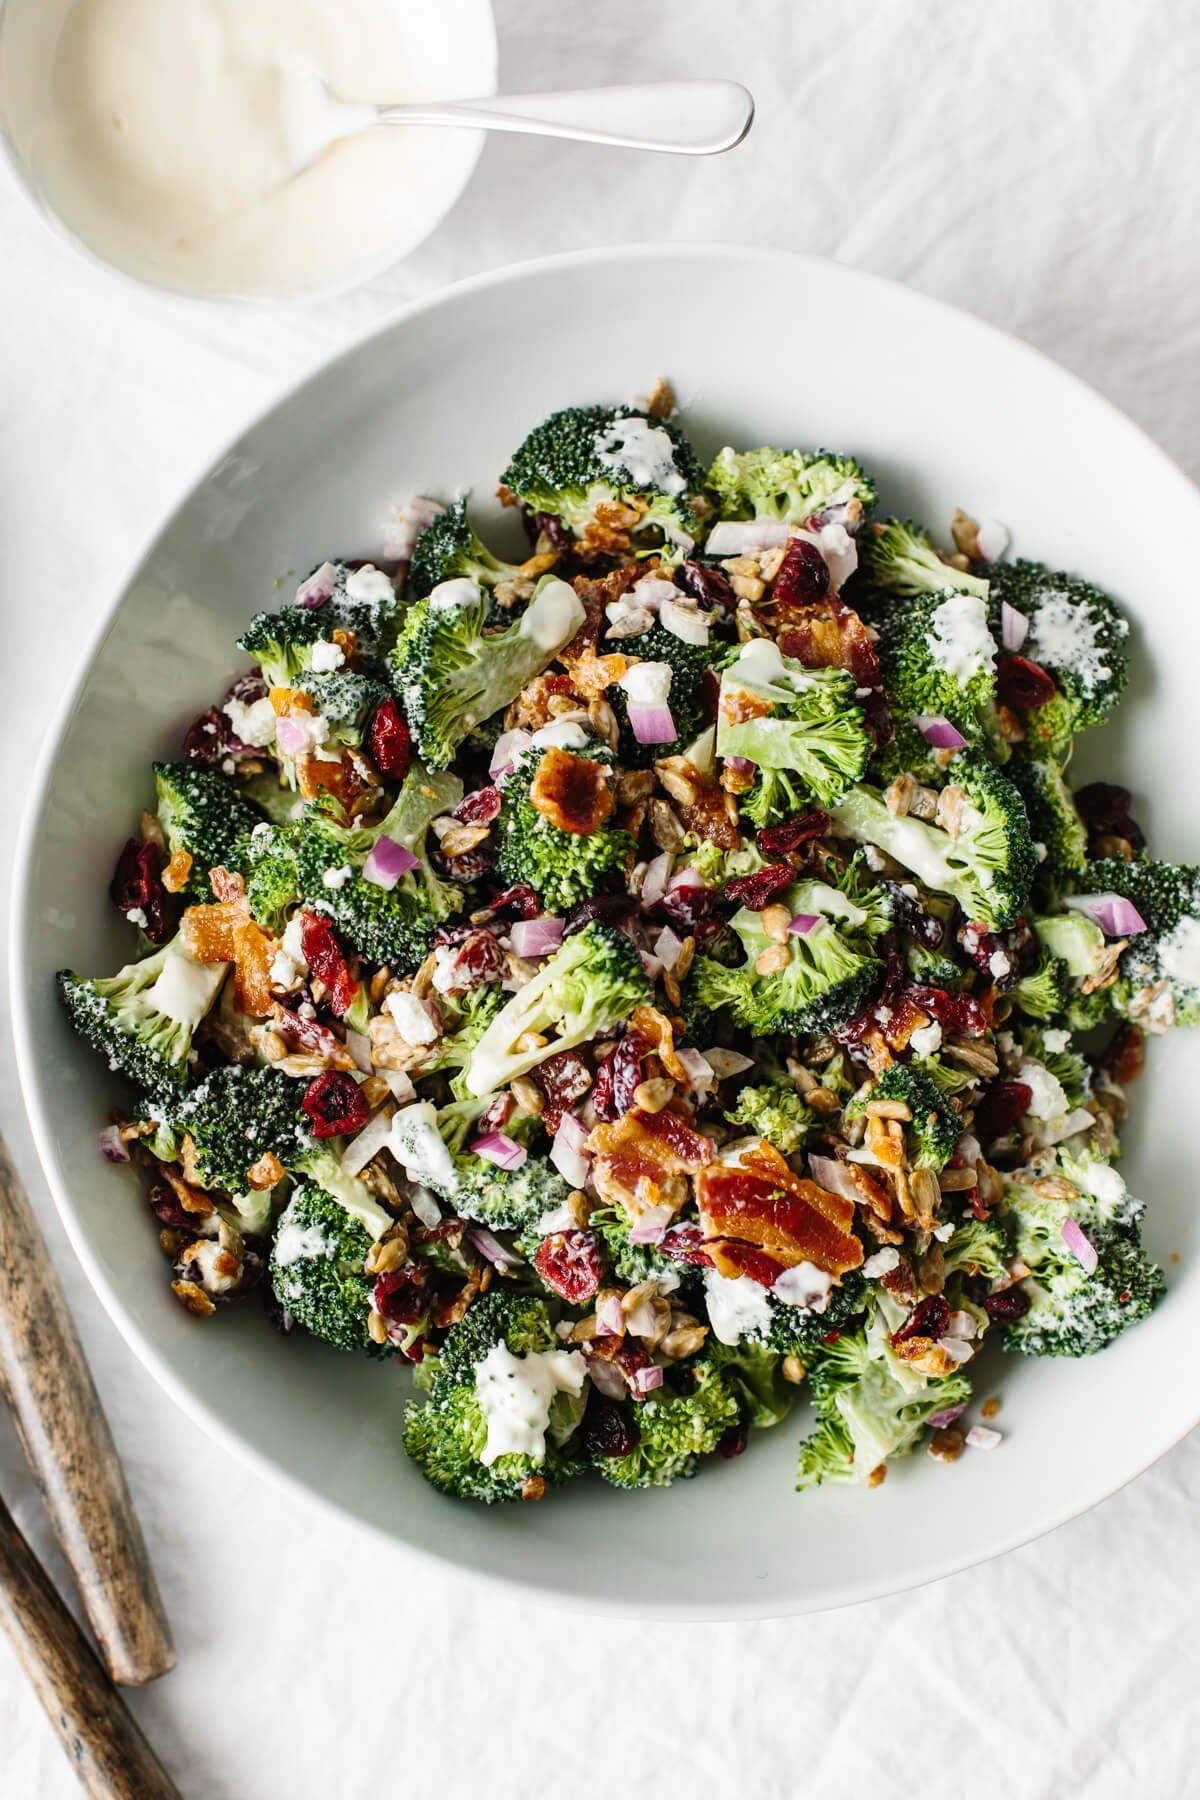 Broccoli salad in a white bowl.